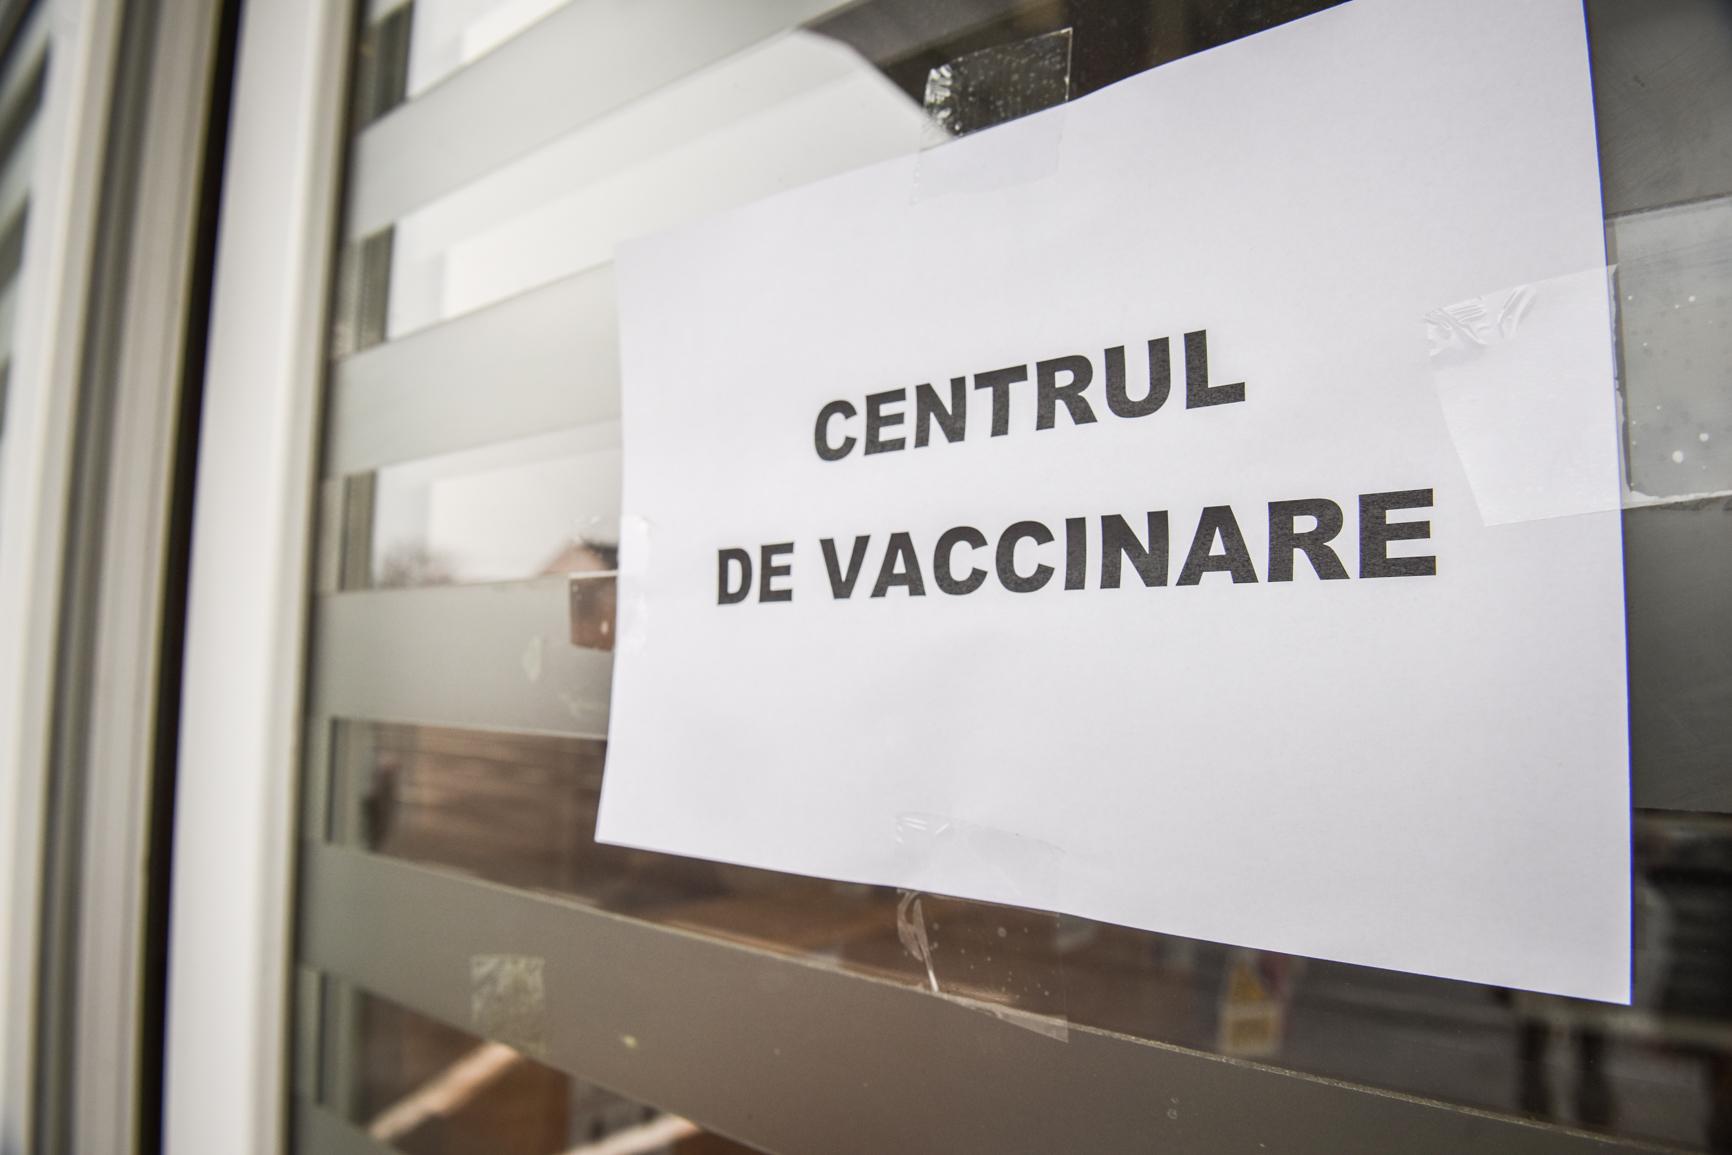 Două noi centre de vaccinare. Peste 2.400 de sibieni se vor putea programa de mâine pentru vaccinarea cu Pfizer